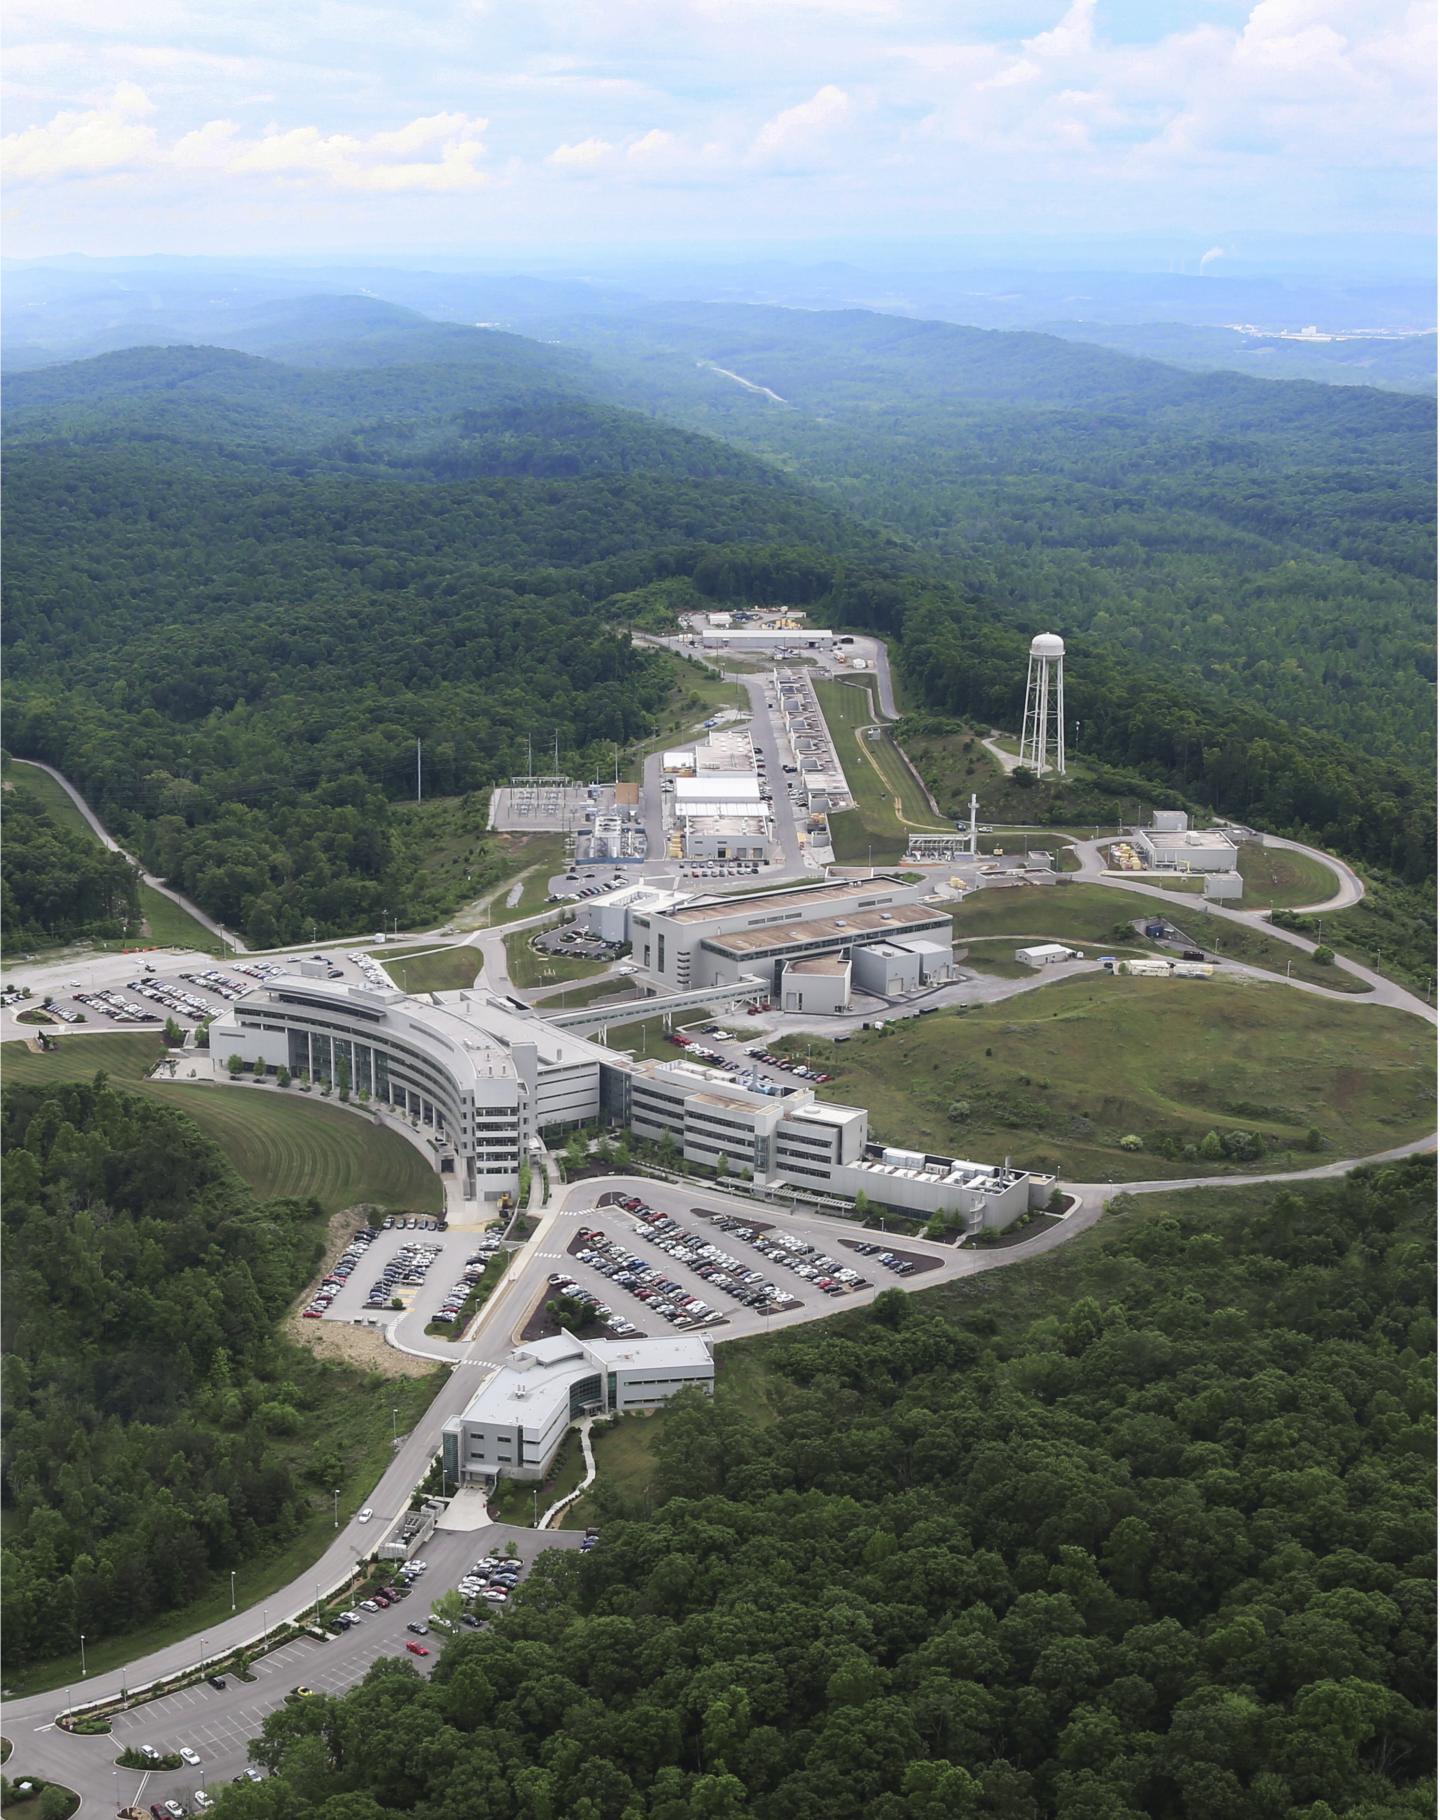 The Spallation Neutron Source -- a 'Neutron Factory' -- Makes Neutrinos Too